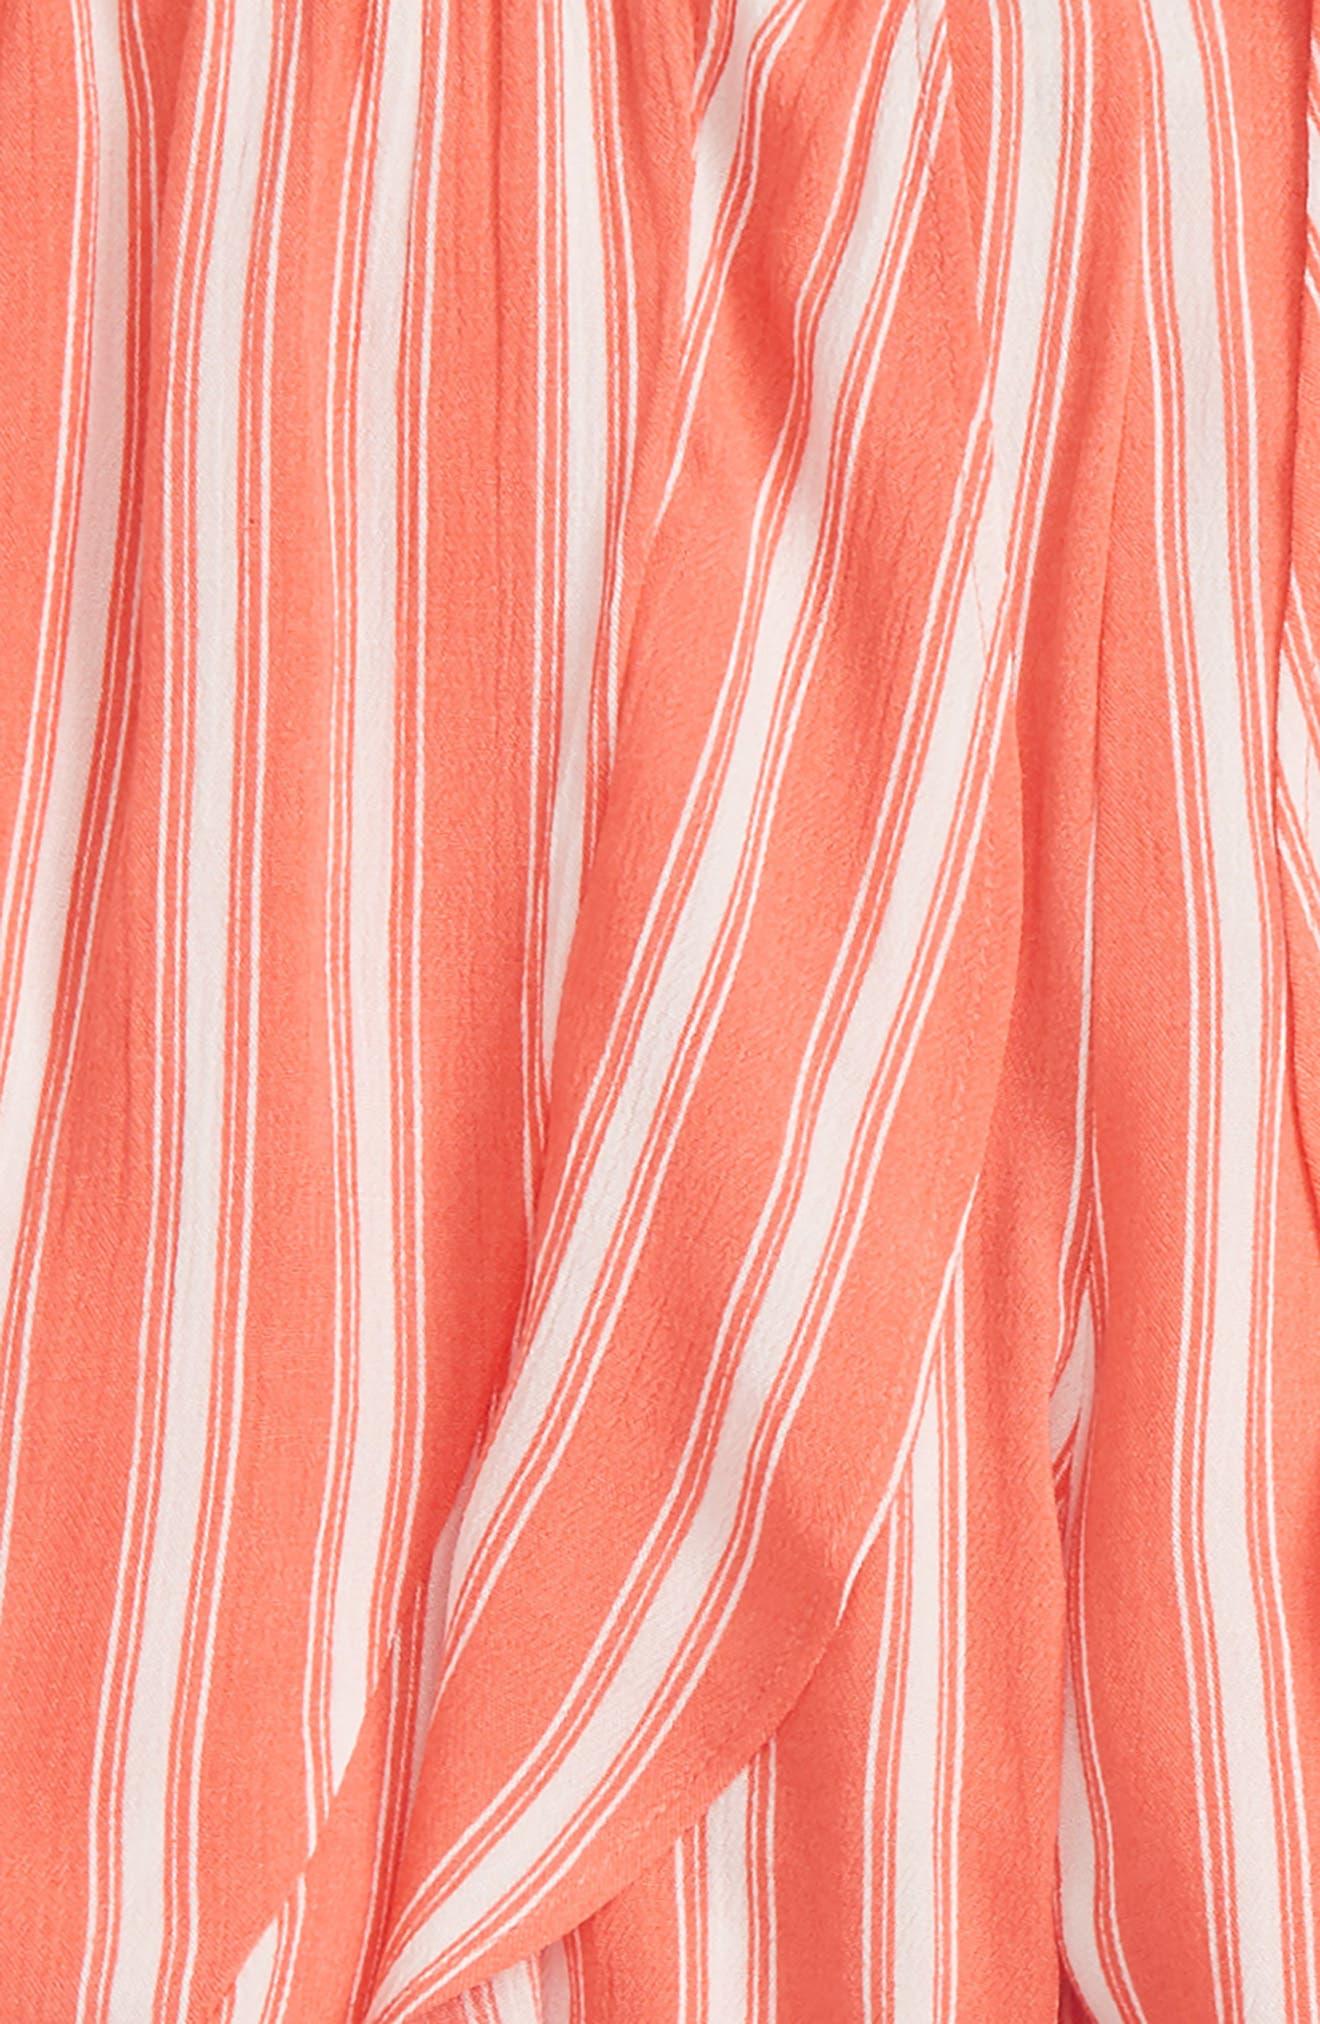 Stripe Walk Through Skirt,                             Alternate thumbnail 2, color,                             950